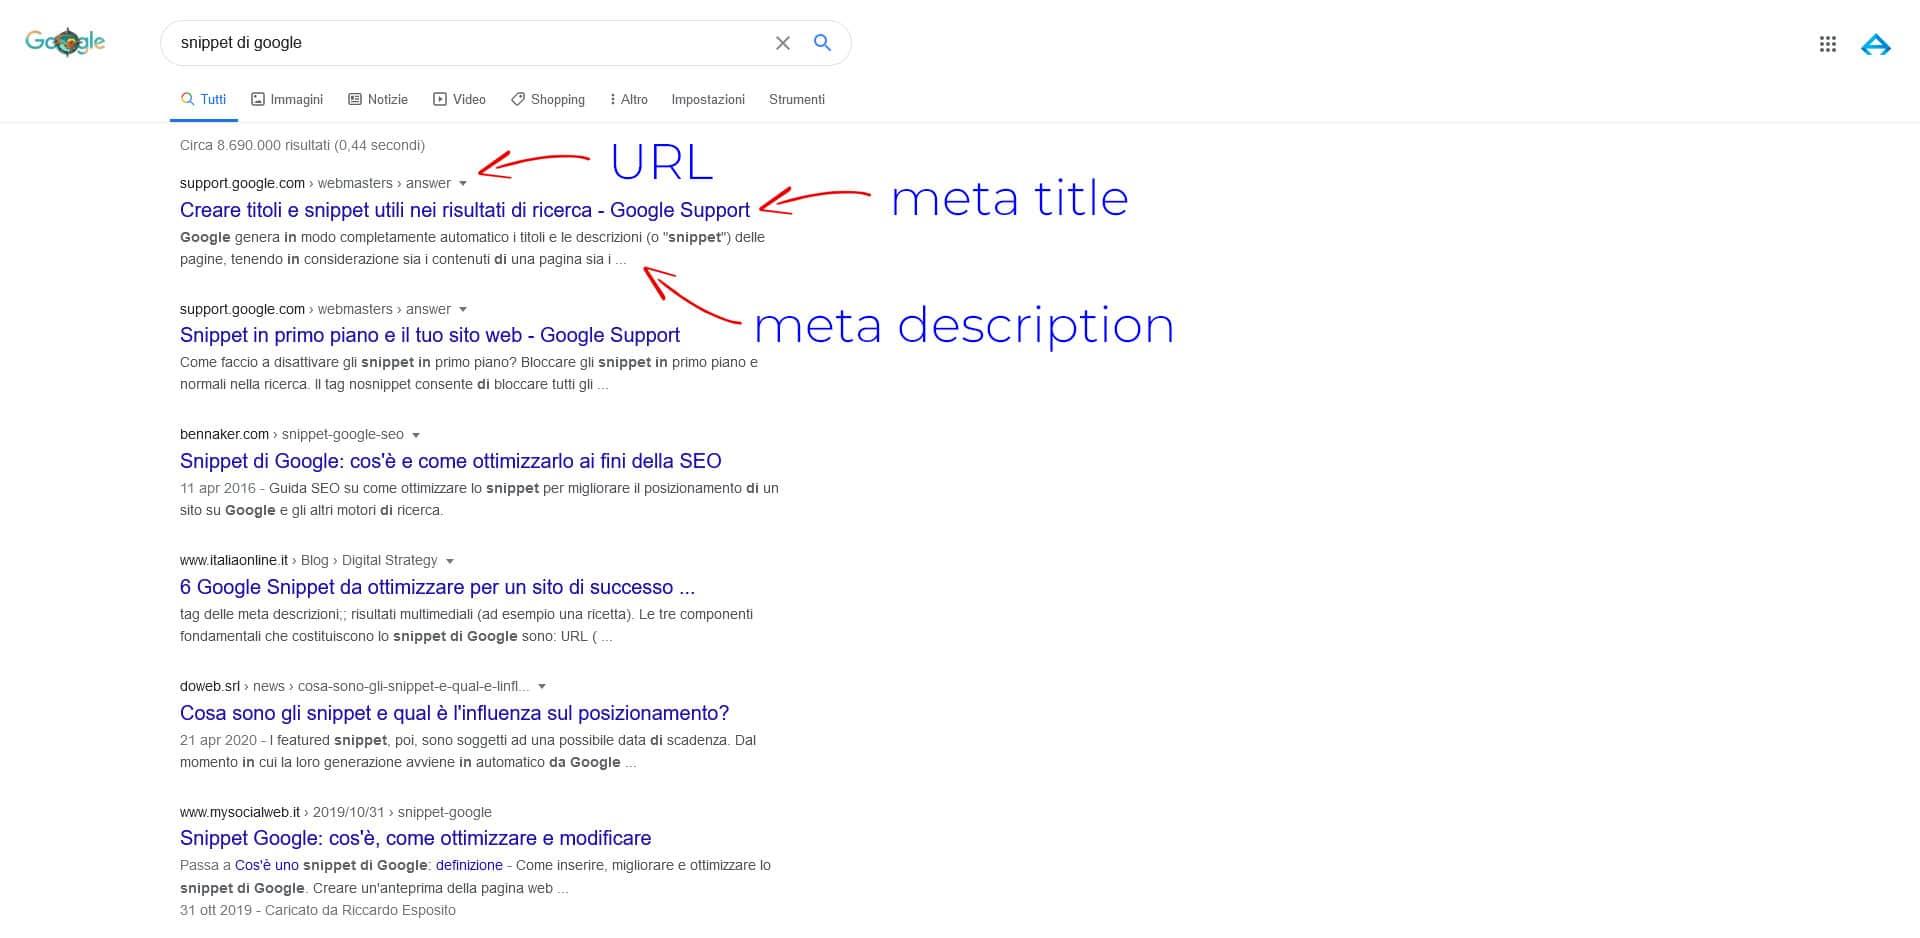 Snippet pagina Google